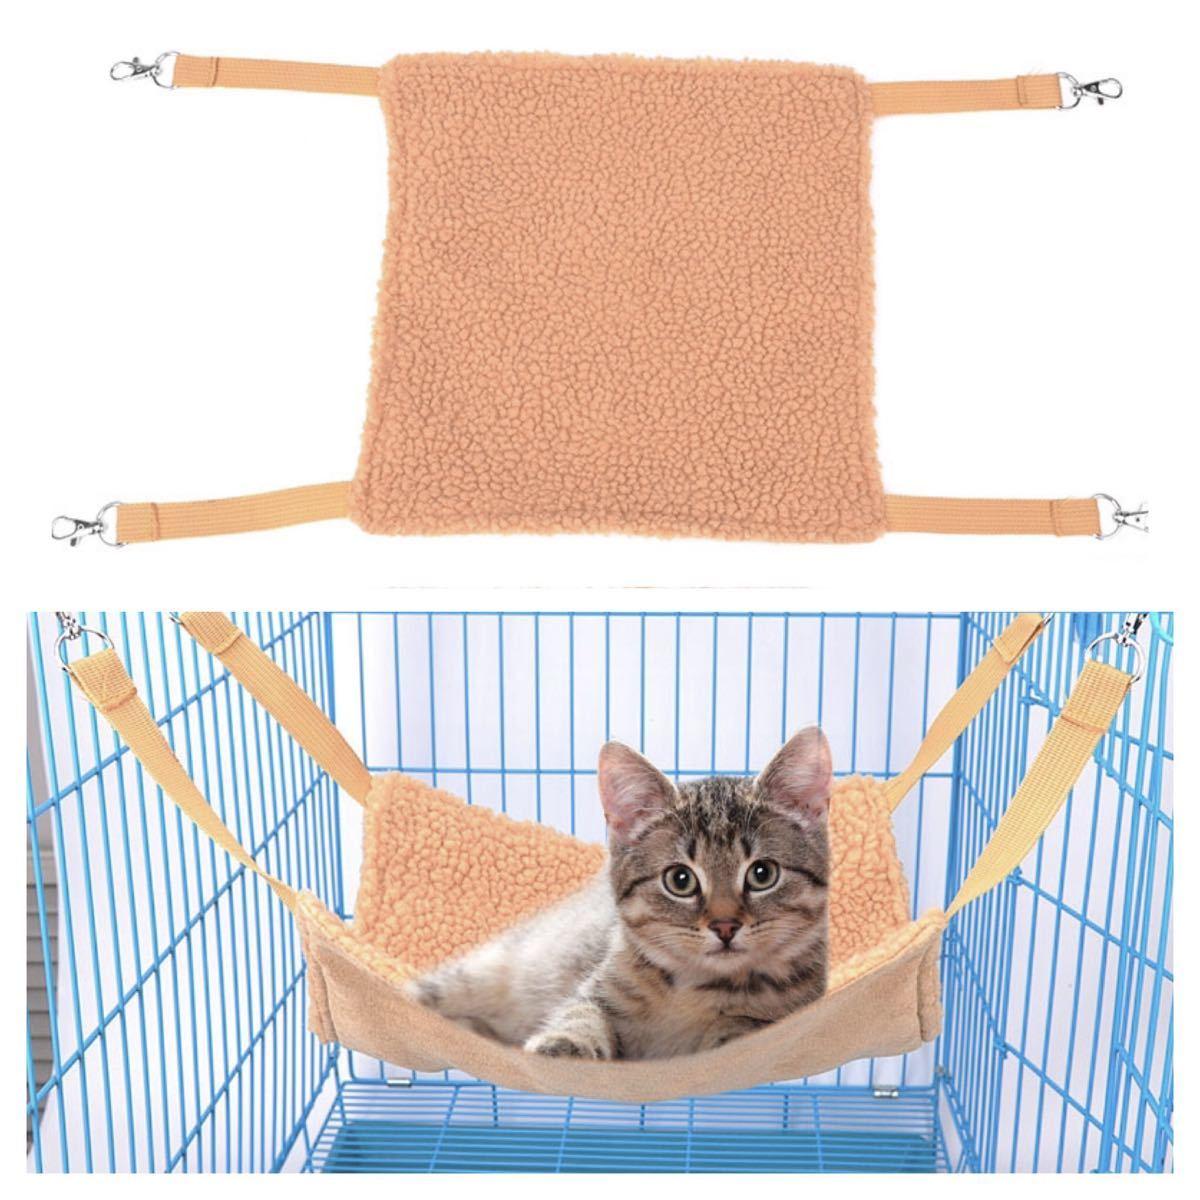 即日発送 猫のベット小動物 ペット用品ハンモック 猫のハンモック もこもこ暖かい